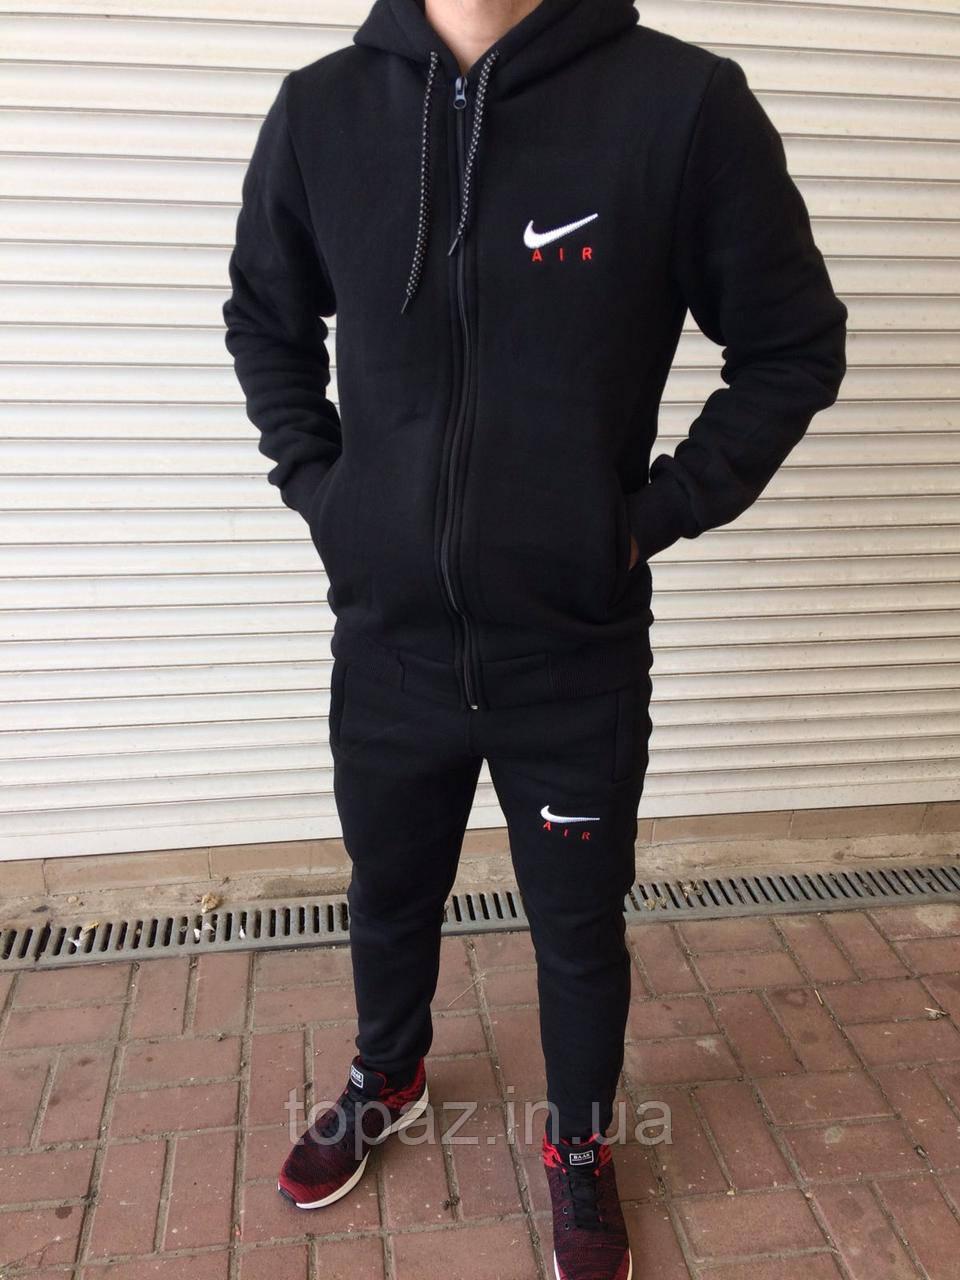 Спортивный мужской костюм на флисе. Размер 52.